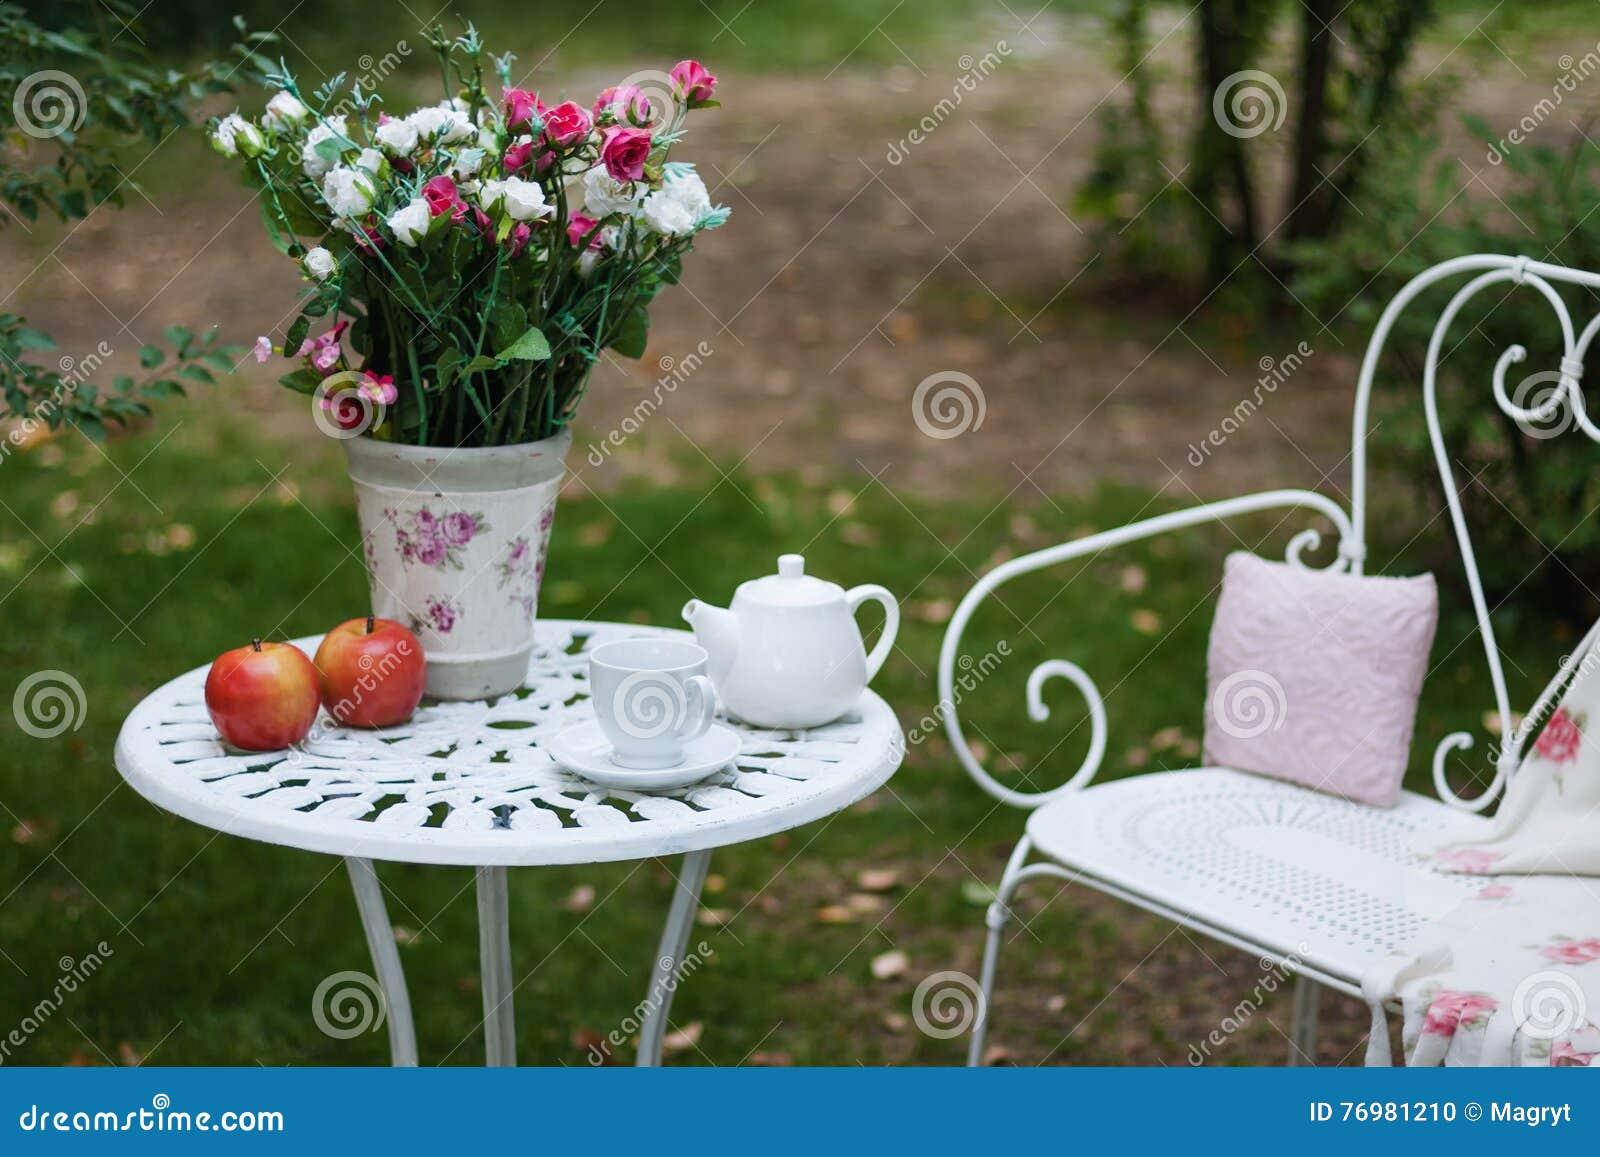 ensemble blanc de porcelaine pour le th ou le caf sur la table dans le jardin au dessus du. Black Bedroom Furniture Sets. Home Design Ideas